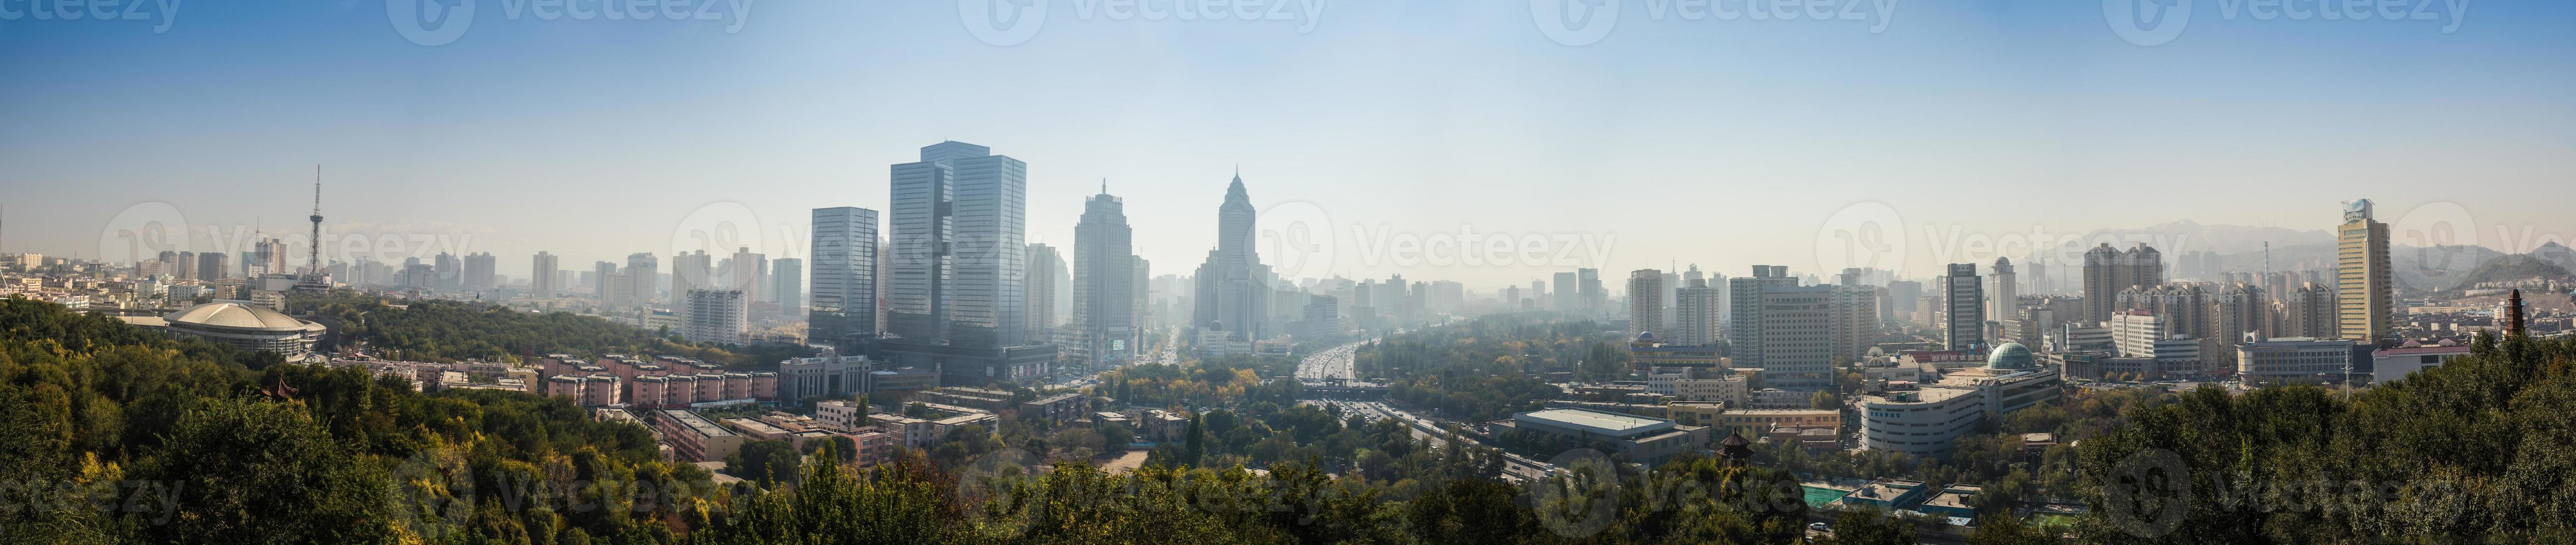 vista da grande cidade moderna foto